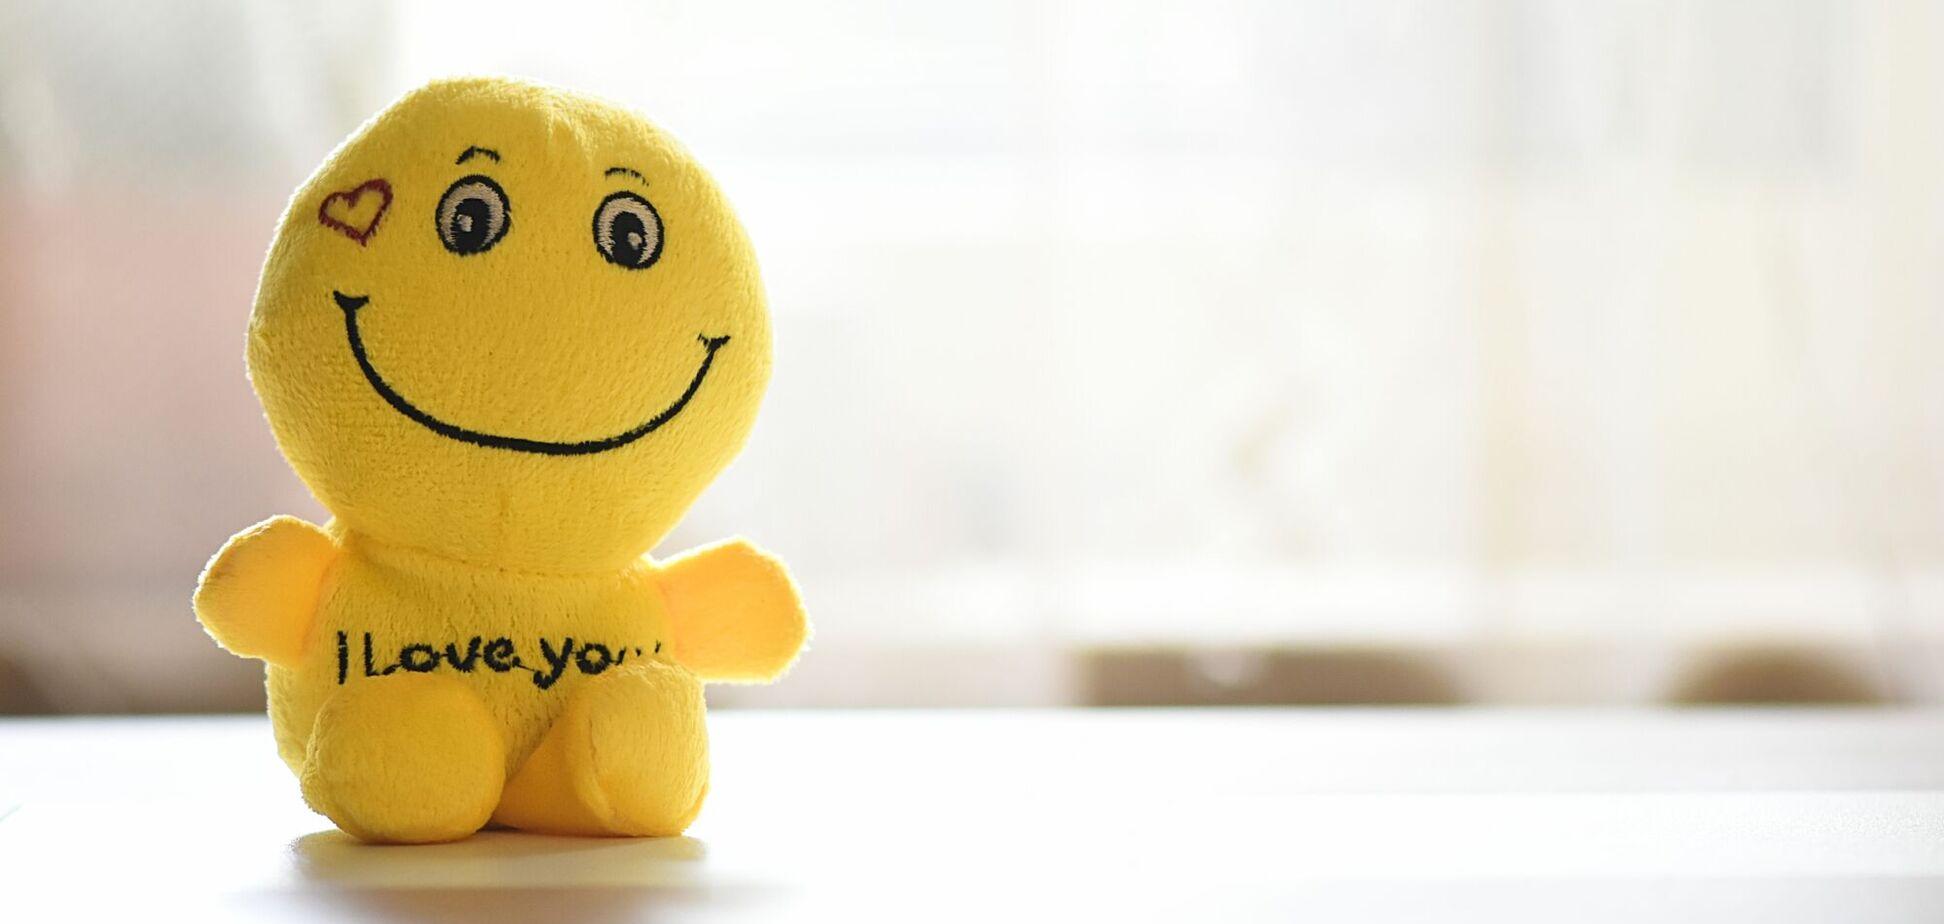 Анекдоты дня помогут поднять настроение